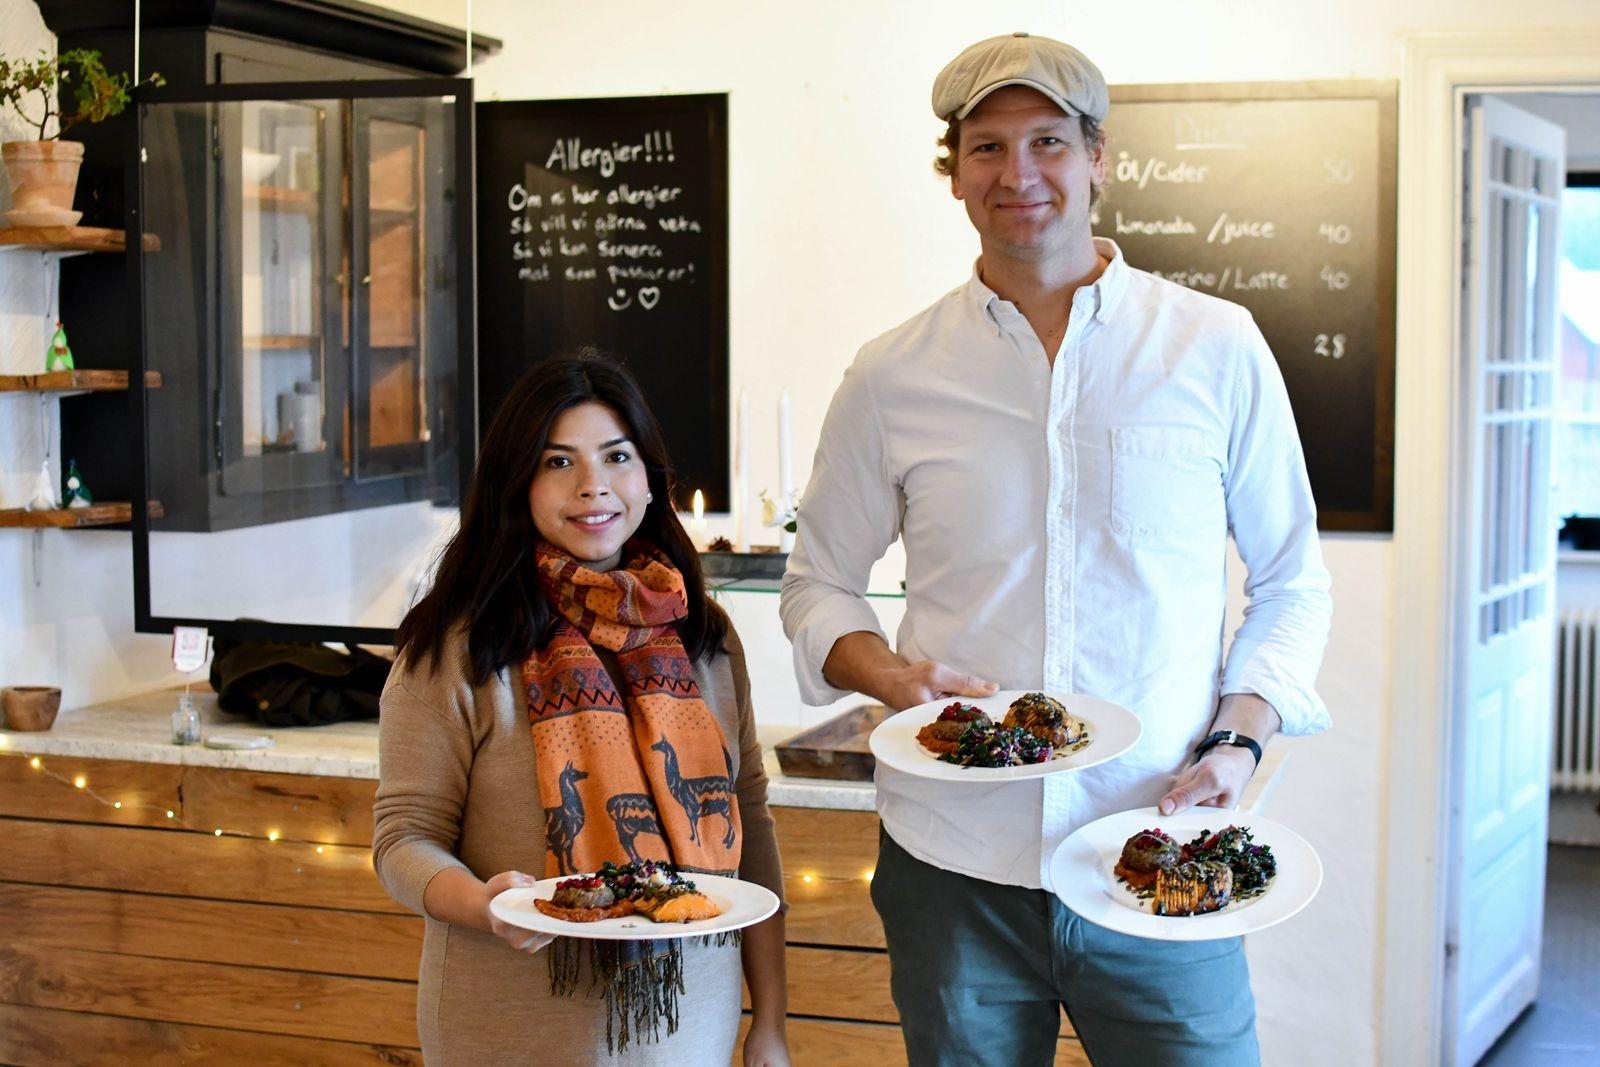 """Giovanna och Jon Lindberg drivs av en stor passion för matlagning och smaker. """"Vi gör mat vi själva älskar och den utvecklas med oss"""" säger Giovanna. Hennes peruanska rötter och Jons många år på resande fot gör avtryck i köket, där paret skickligt kombinerar smaker från hela världen i nya, spännande rätter."""